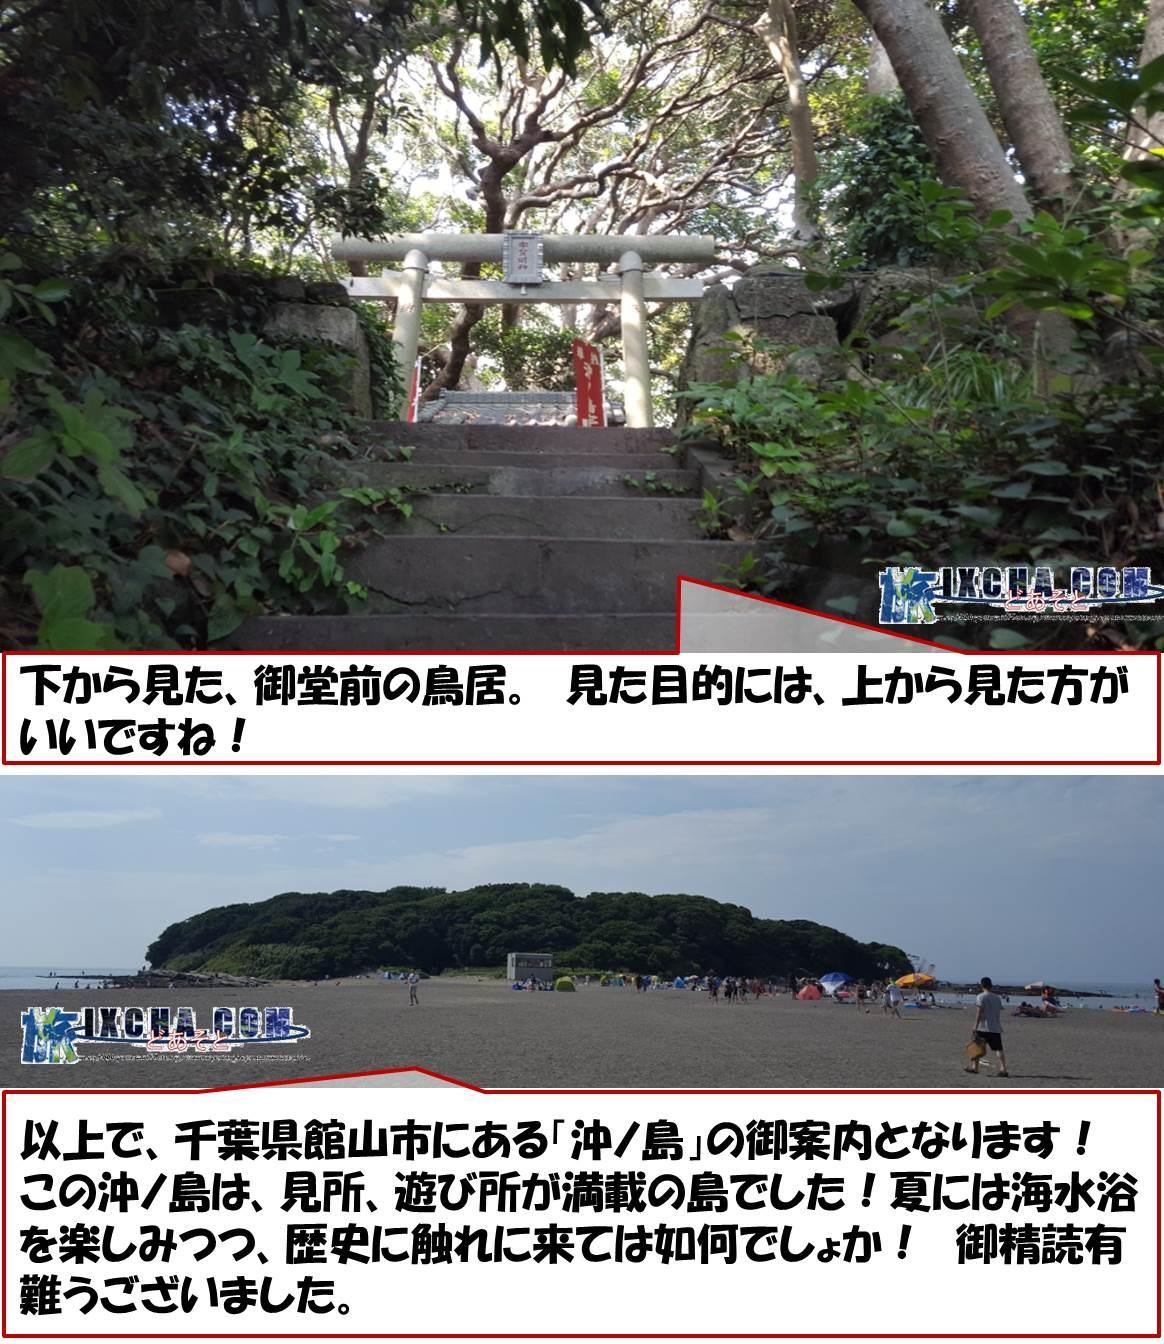 下から見た、御堂前の鳥居。 見た目的には、上から見た方がいいですね! 以上で、千葉県館山市にある「沖ノ島」の御案内となります! この沖ノ島は、見所、遊び所が満載の島でした!夏には海水浴を楽しみつつ、歴史に触れに来ては如何でしょか! 御精読有難うございました。